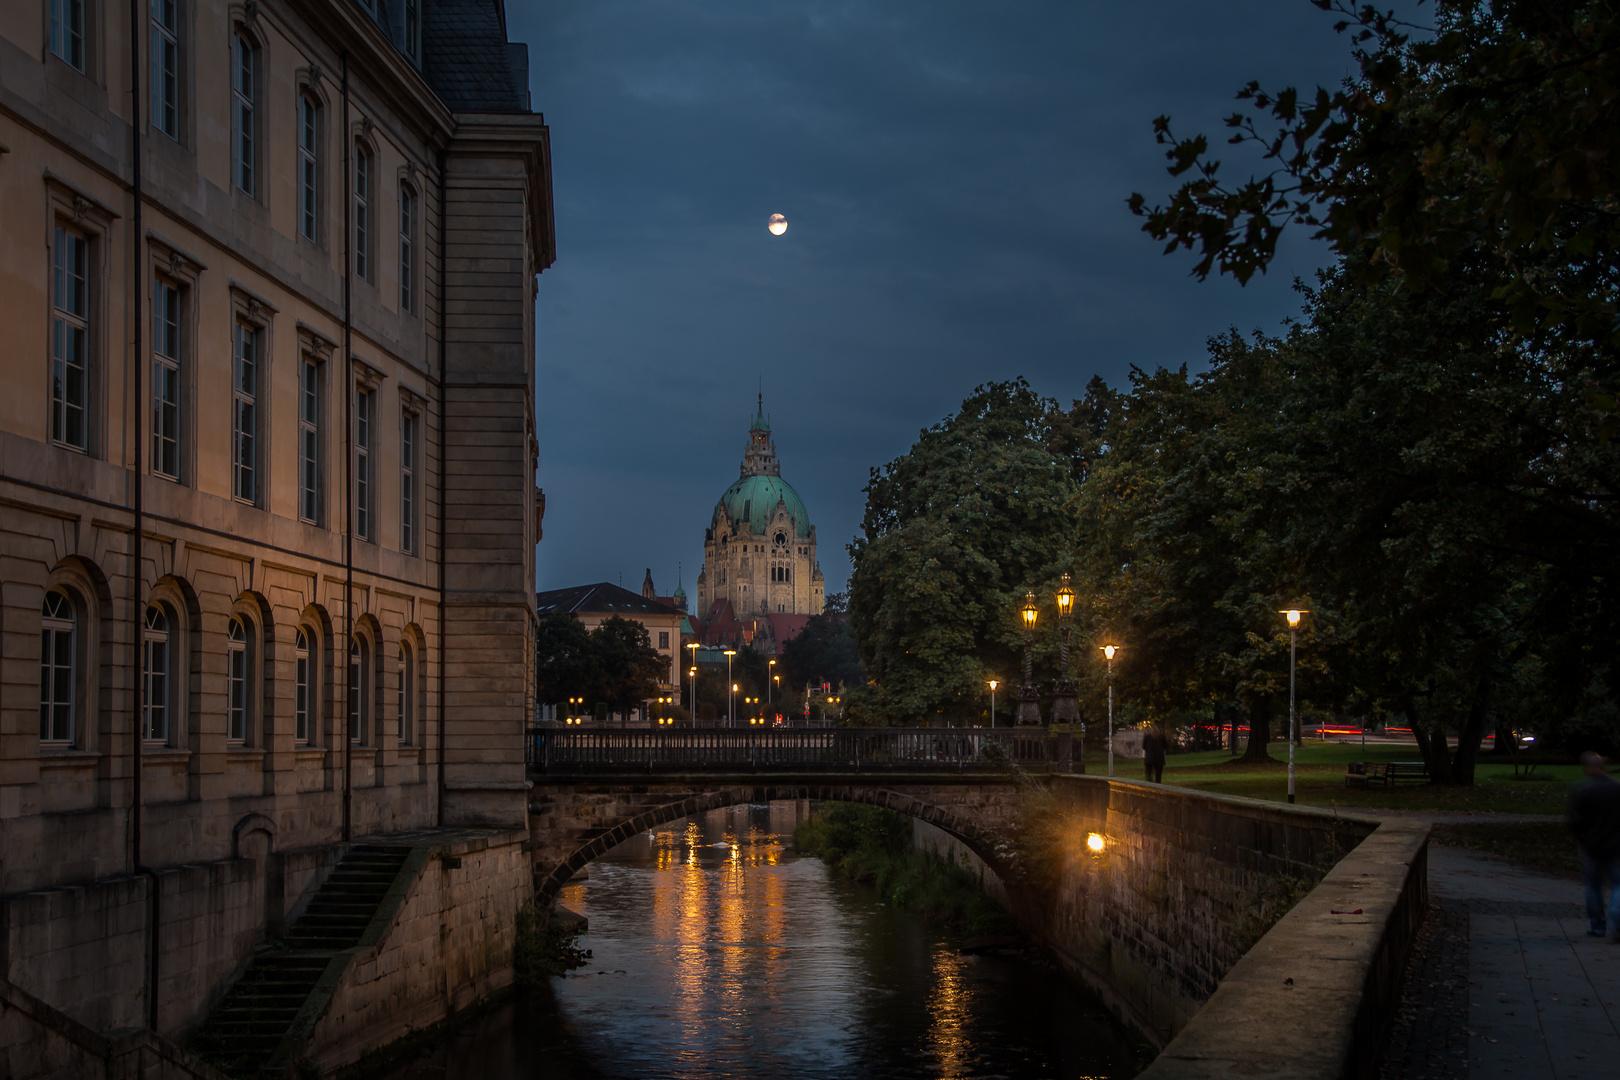 Das Rathaus mit dem Mond